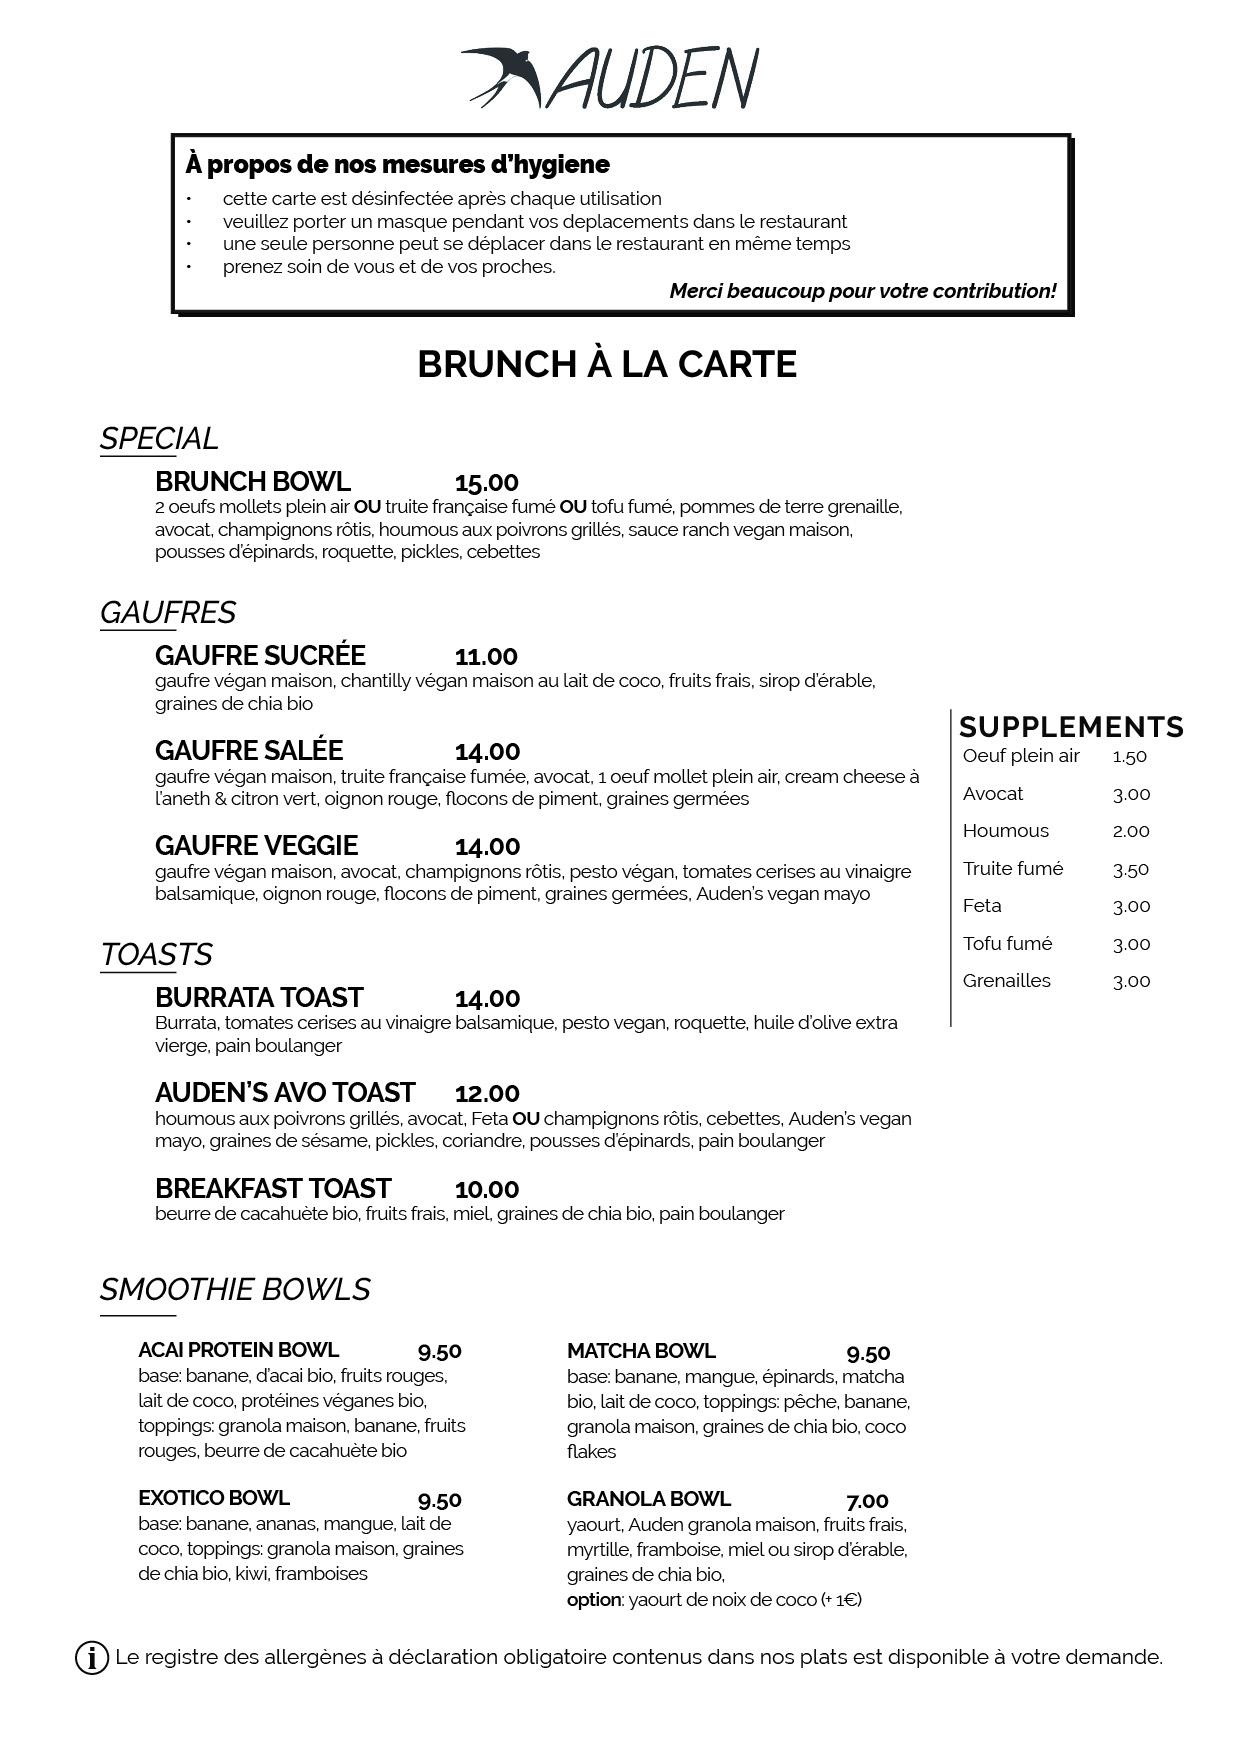 auden brunch menu